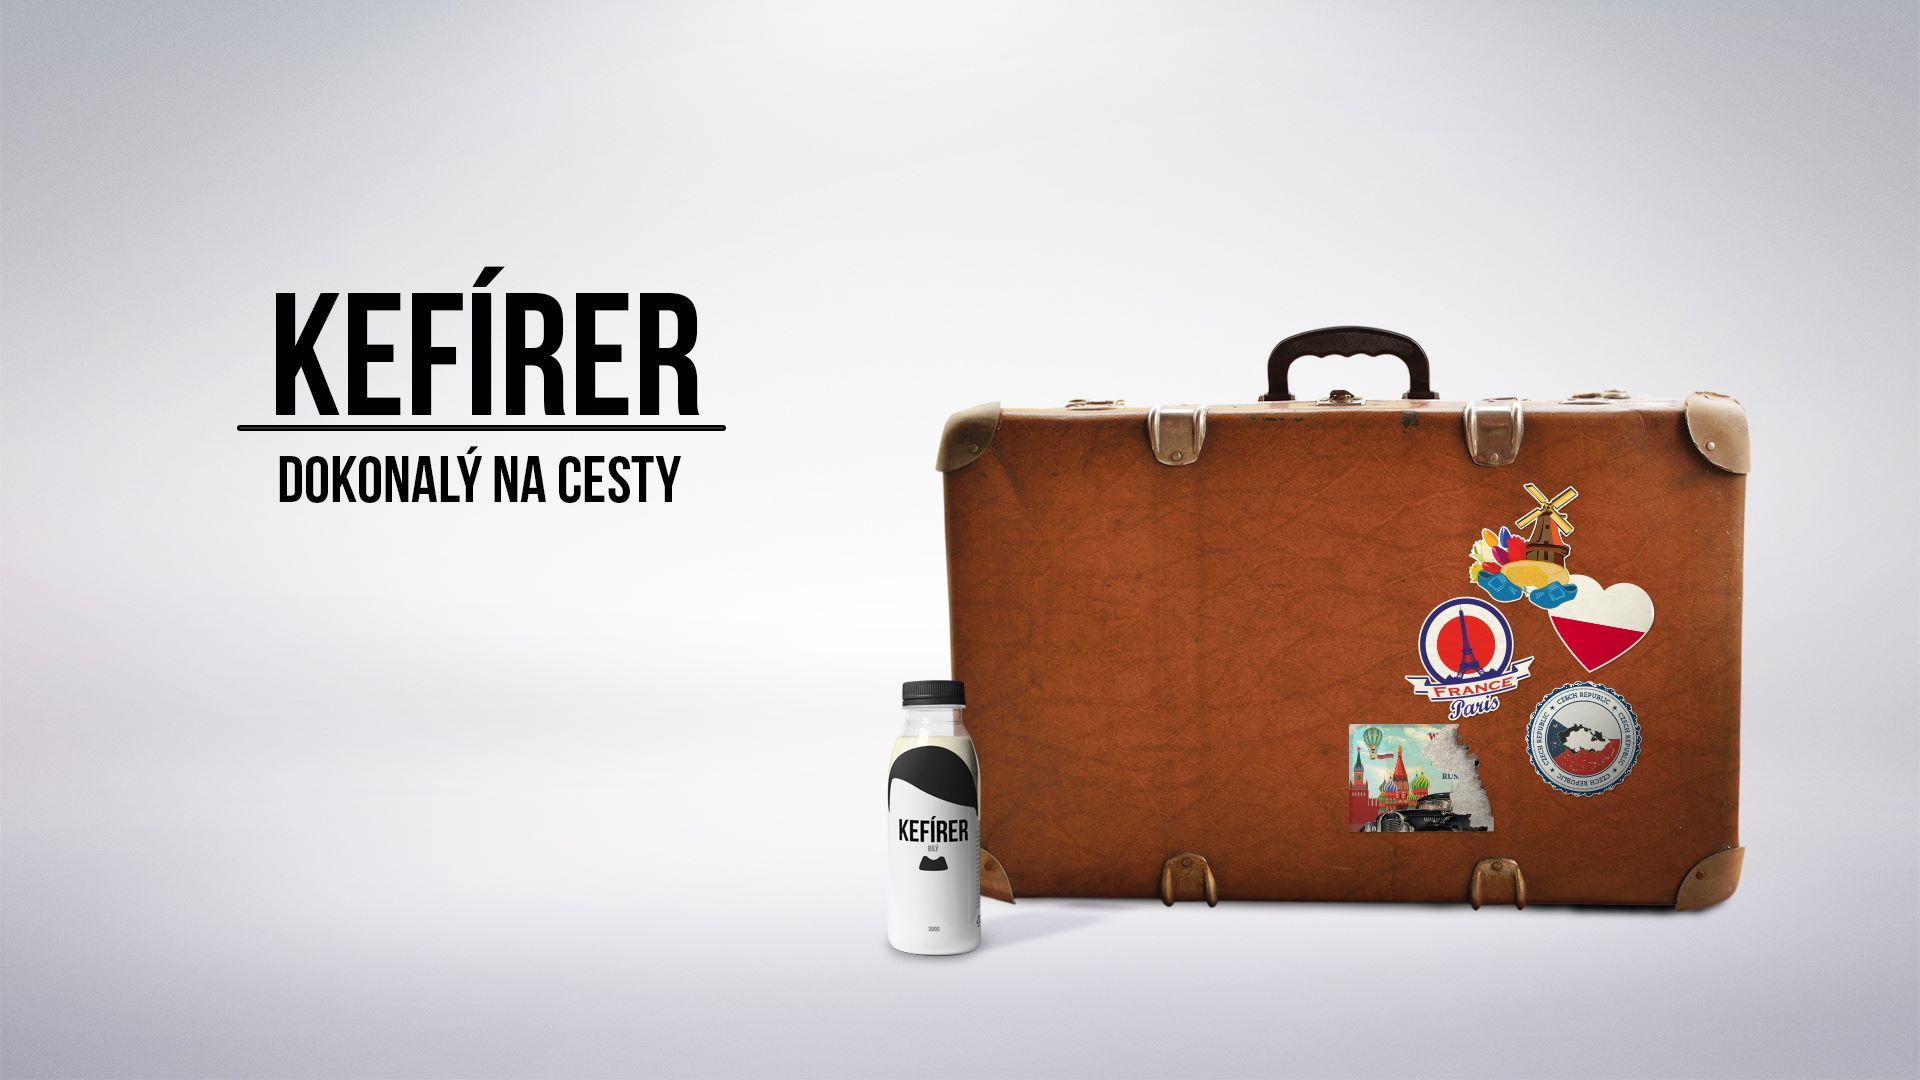 """""""Kefírer - создан для путешествий"""". Наклейки на чемодане напоминают о странах, где побывали нацистские оккупанты"""